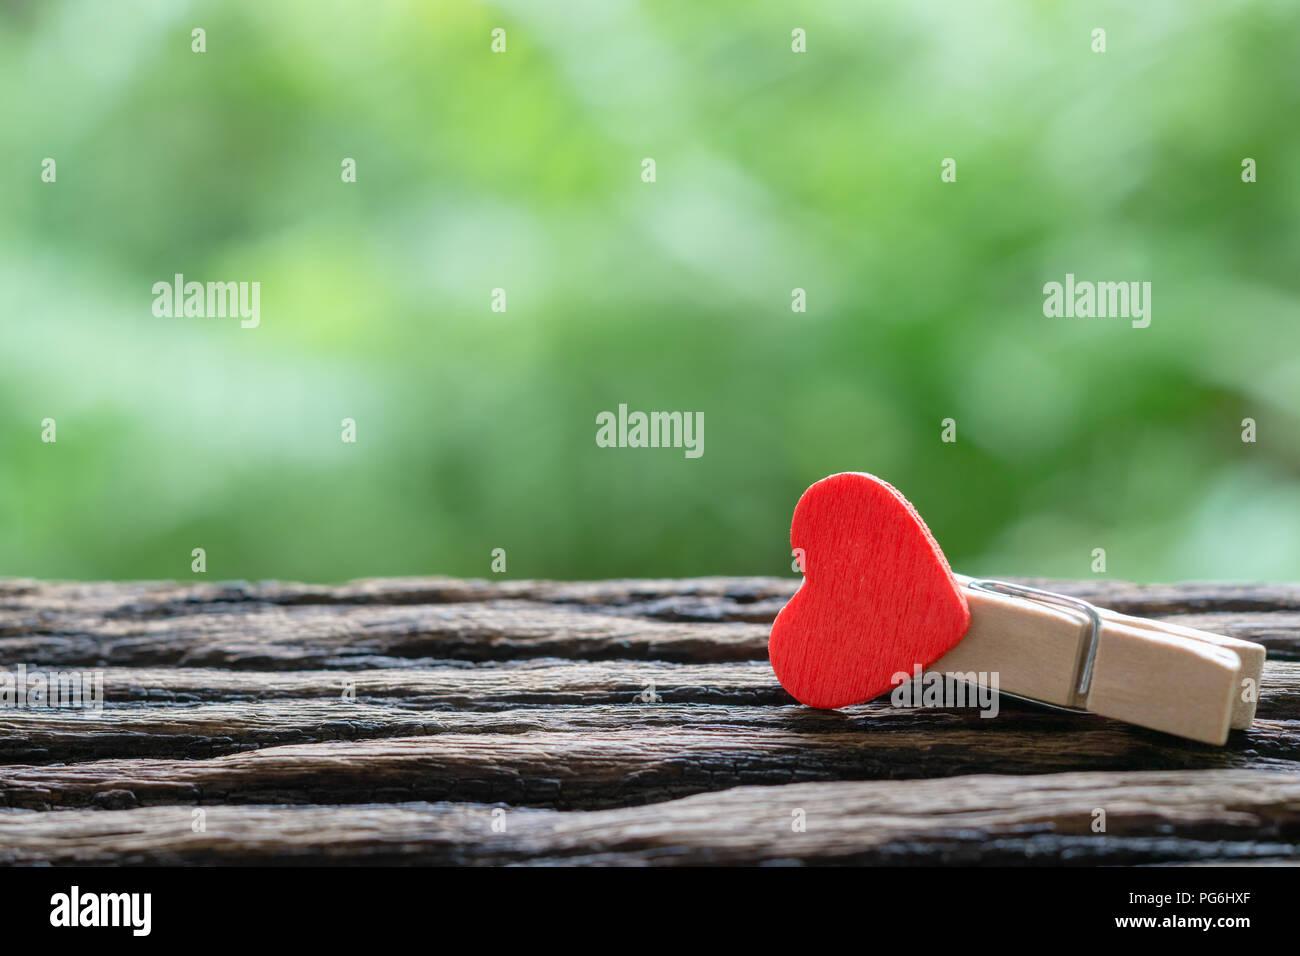 De gros plan en bois coeur rouge Trombones avec green nature fond et copier l'espace. Idéal pour la Saint-Valentin, l'amour et des relations Photo Stock